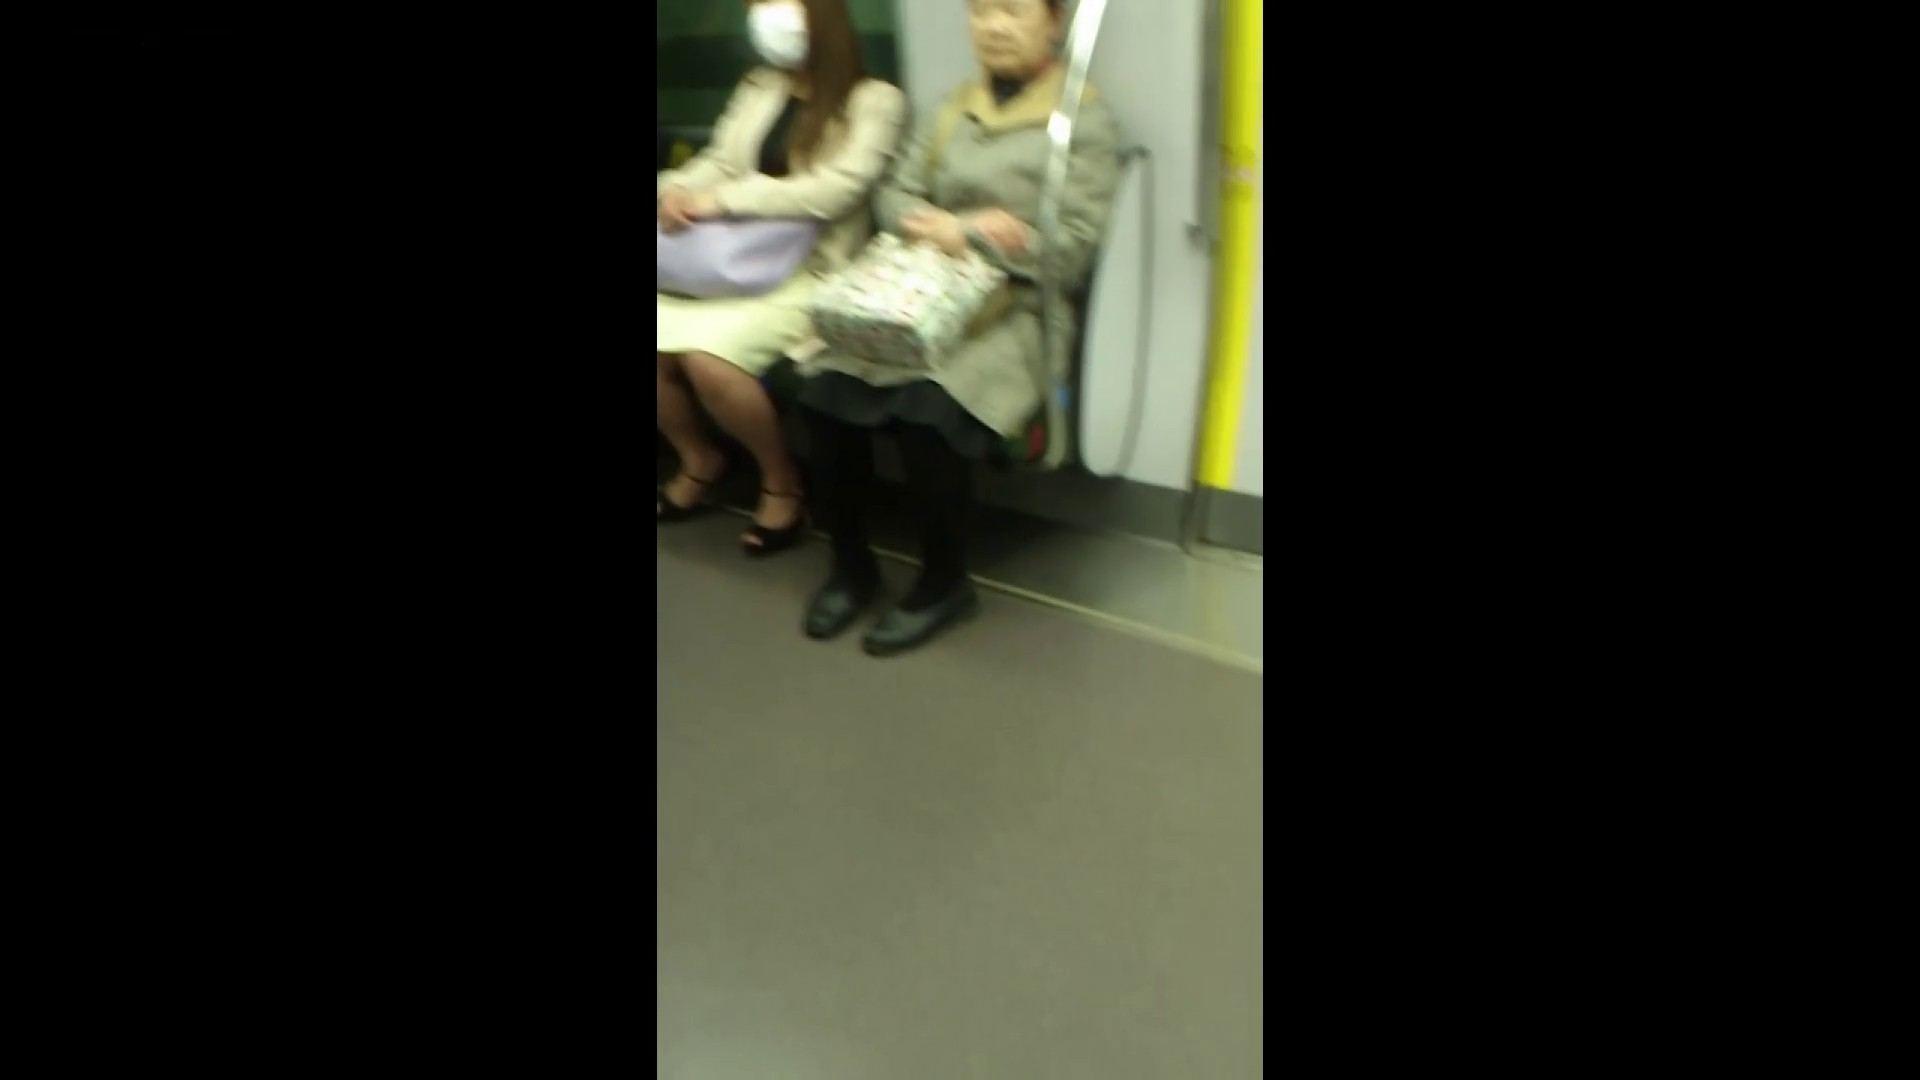 盗撮列車 Vol.55 黄色の爽やかなスカートが大好きです。 車の中 セックス画像 53画像 53